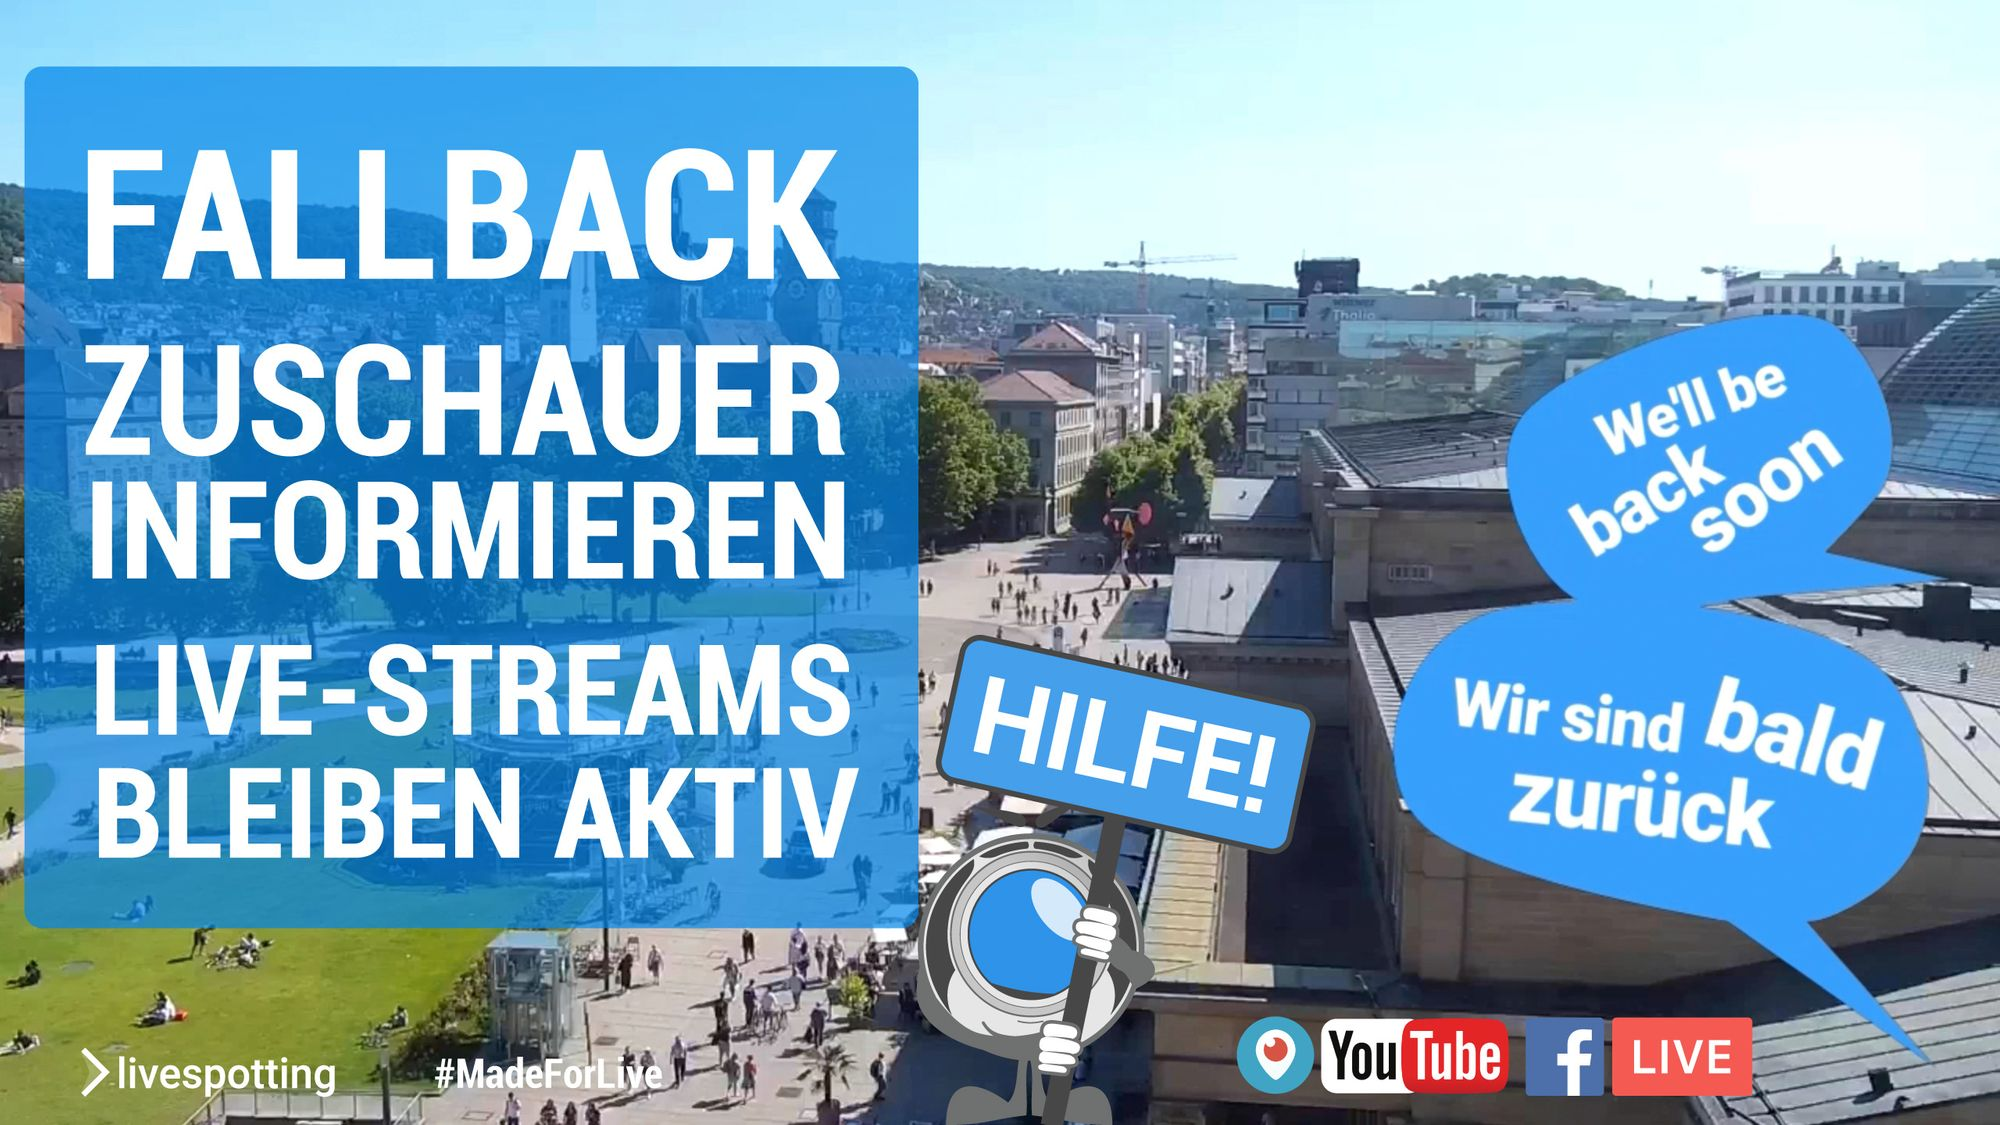 Fallback informiert bei Störungen von Webcams und hält Live-Streams aktiv.